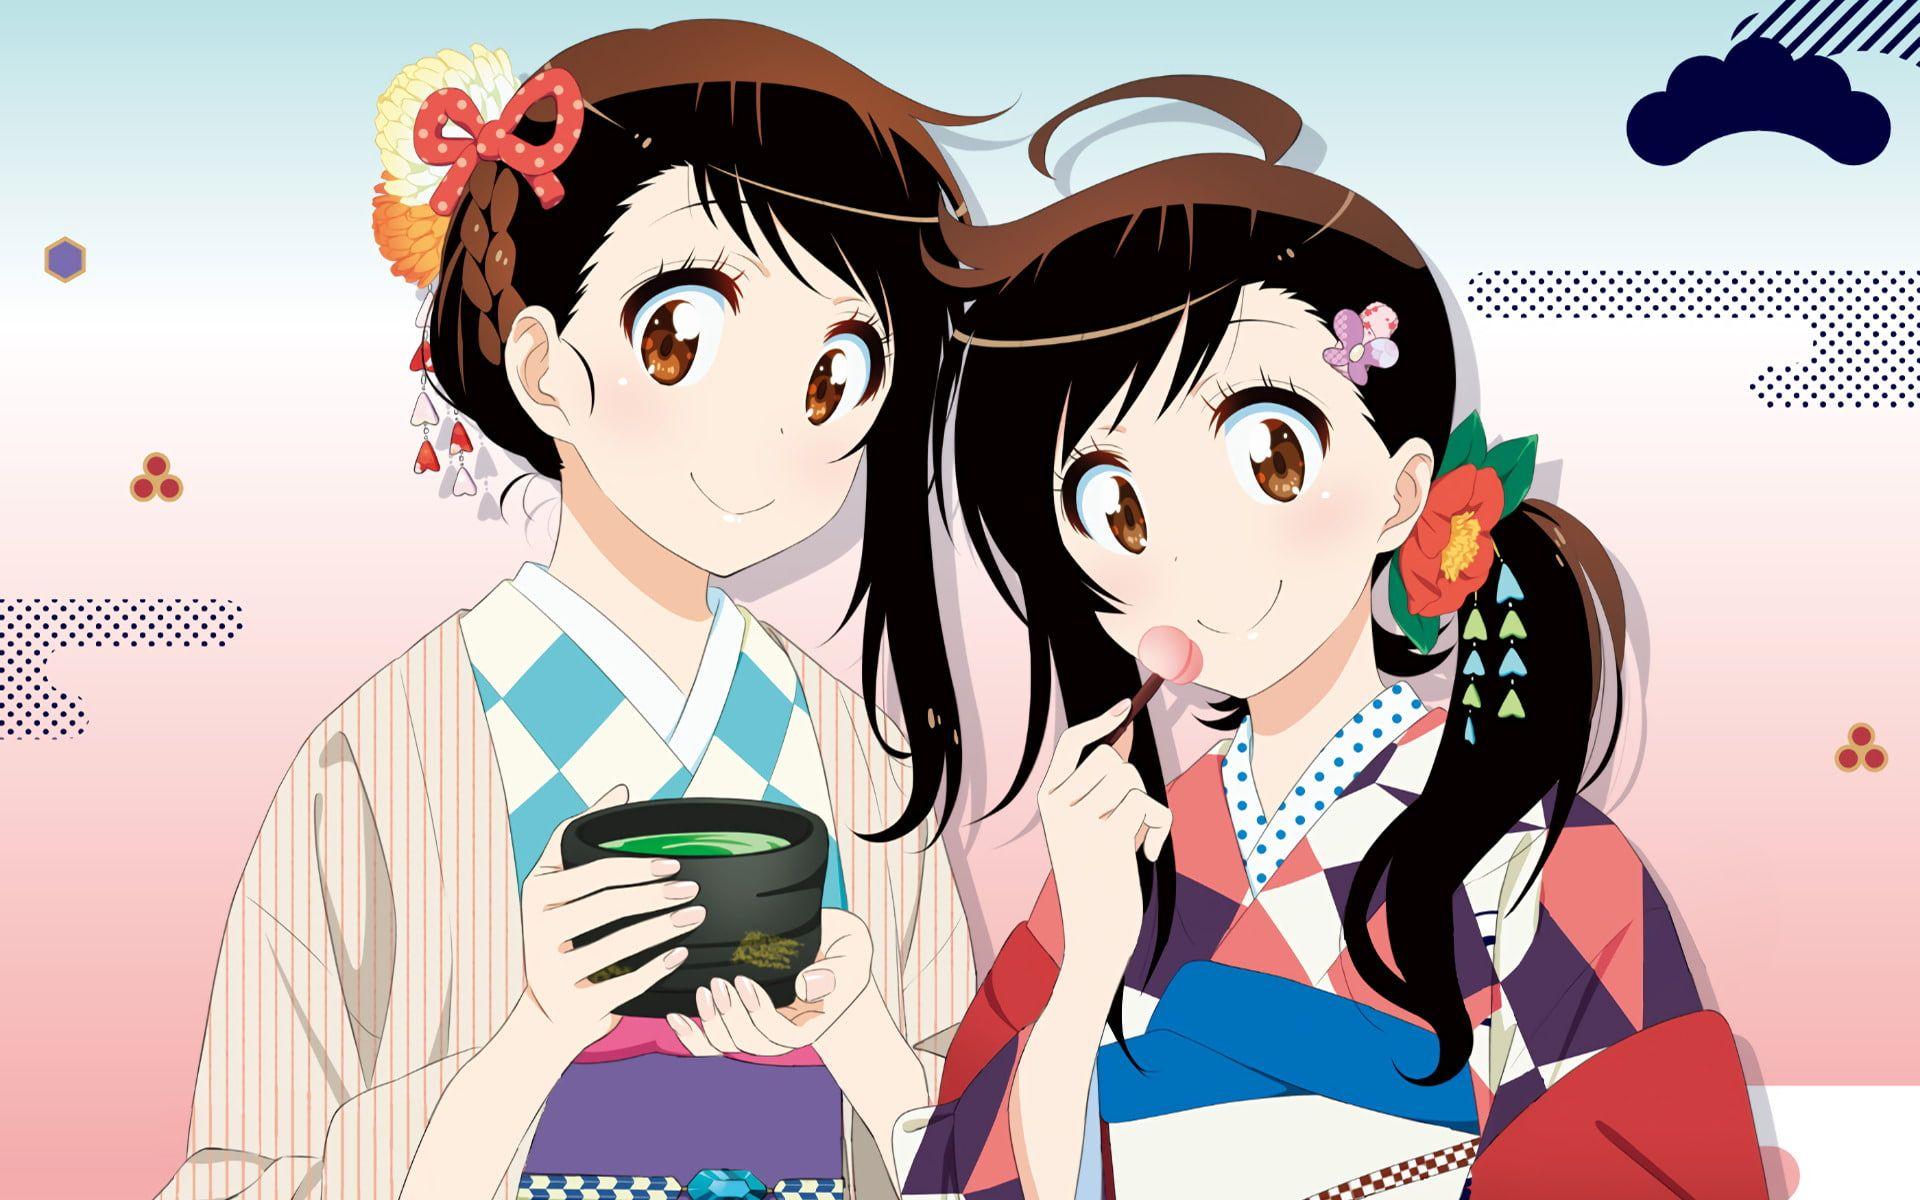 Anime Nisekoi Haru Onodera Kosaki Onodera 1080p Wallpaper Hdwallpaper Desktop Nisekoi Anime Nisekoi Onodera